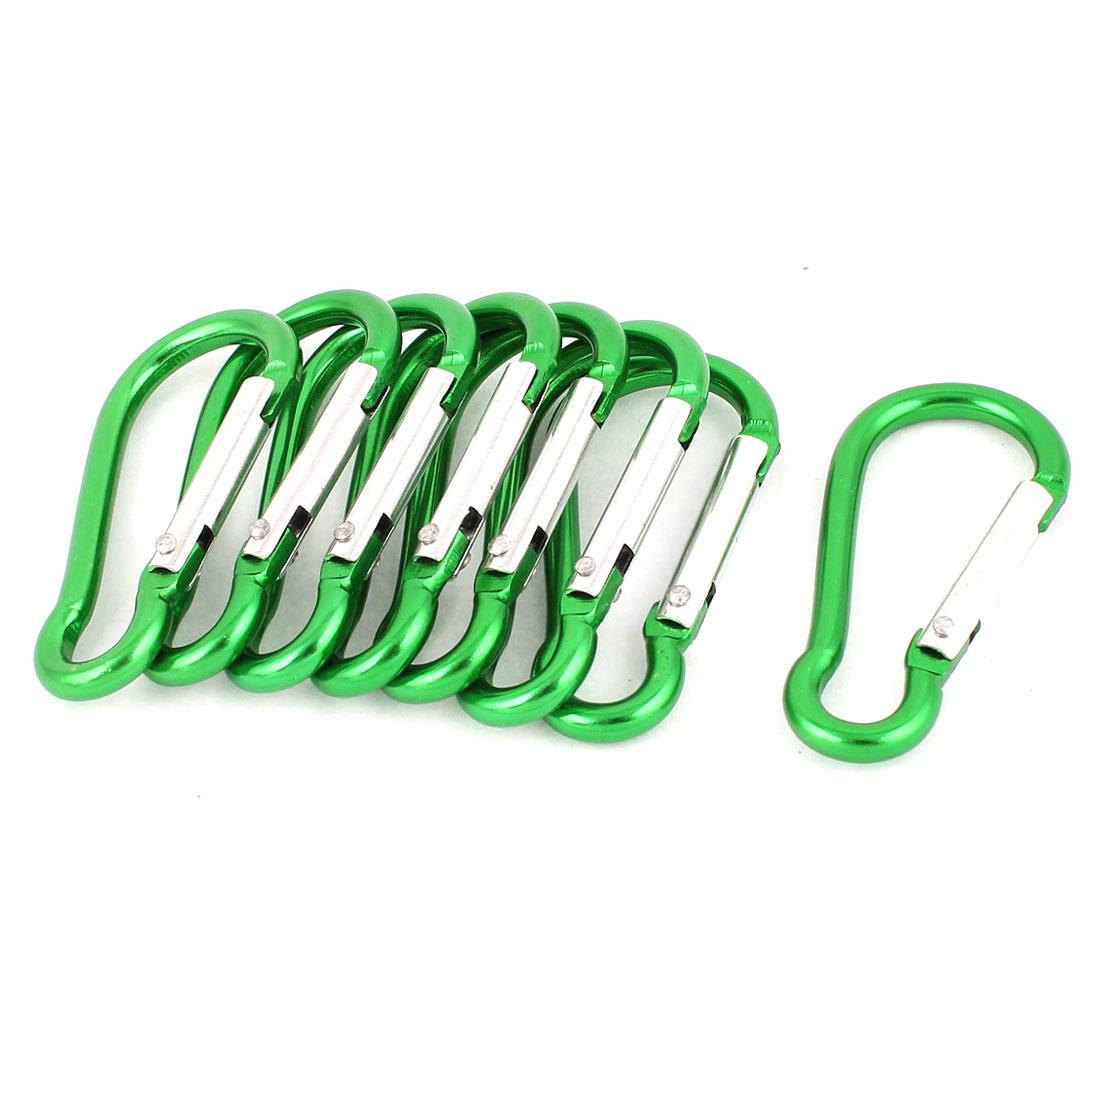 Hiking Calabash Design Spring Loaded Clip Snap Carabiner Hook Keychain Karabiner Bag Holder 8pcs Green